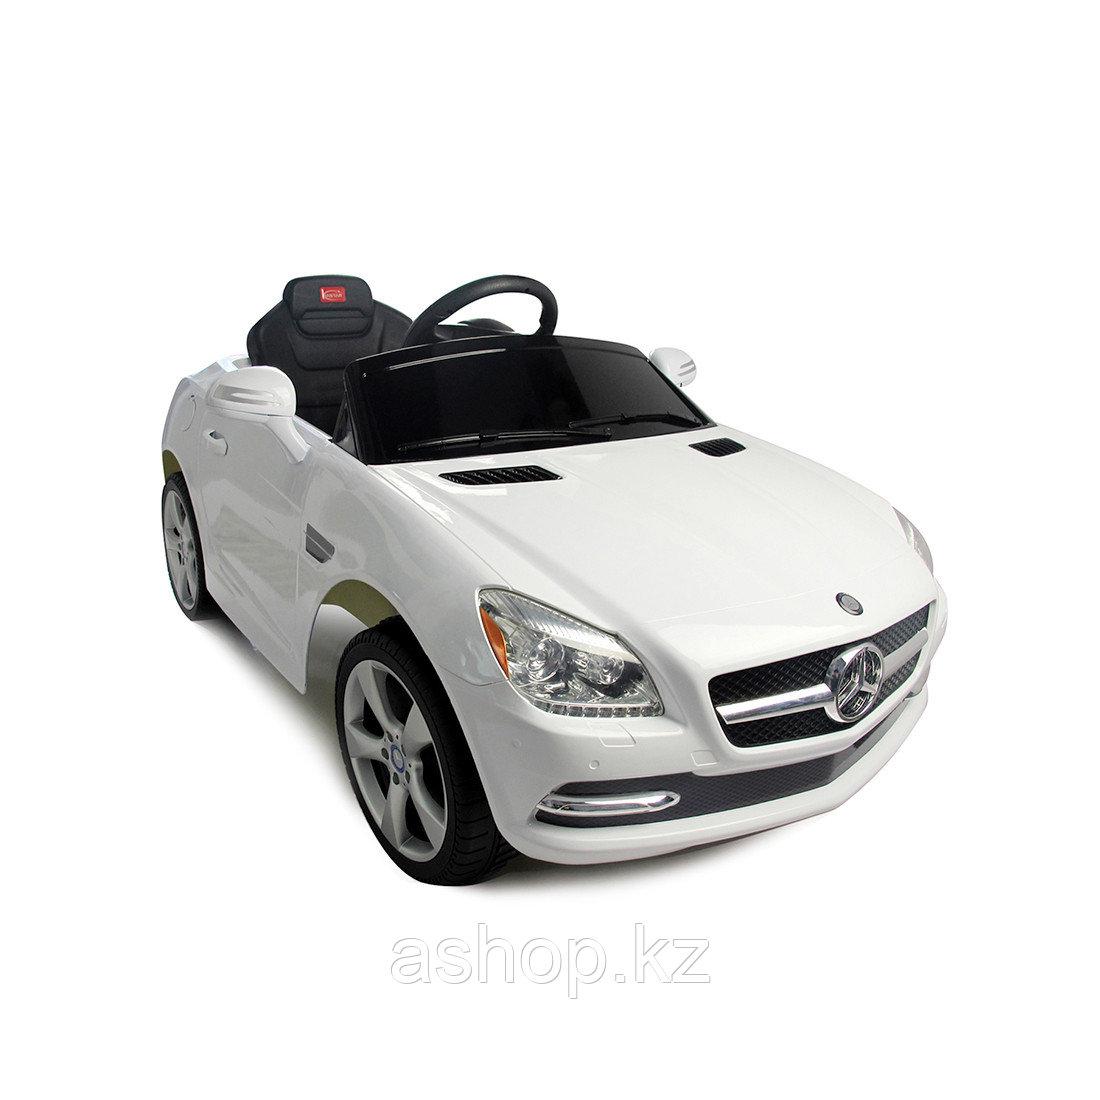 Электромобиль детский Rastar Mercedes-Benz SLK, Цвет: Белый, Упаковка: Коробка, (81200W)